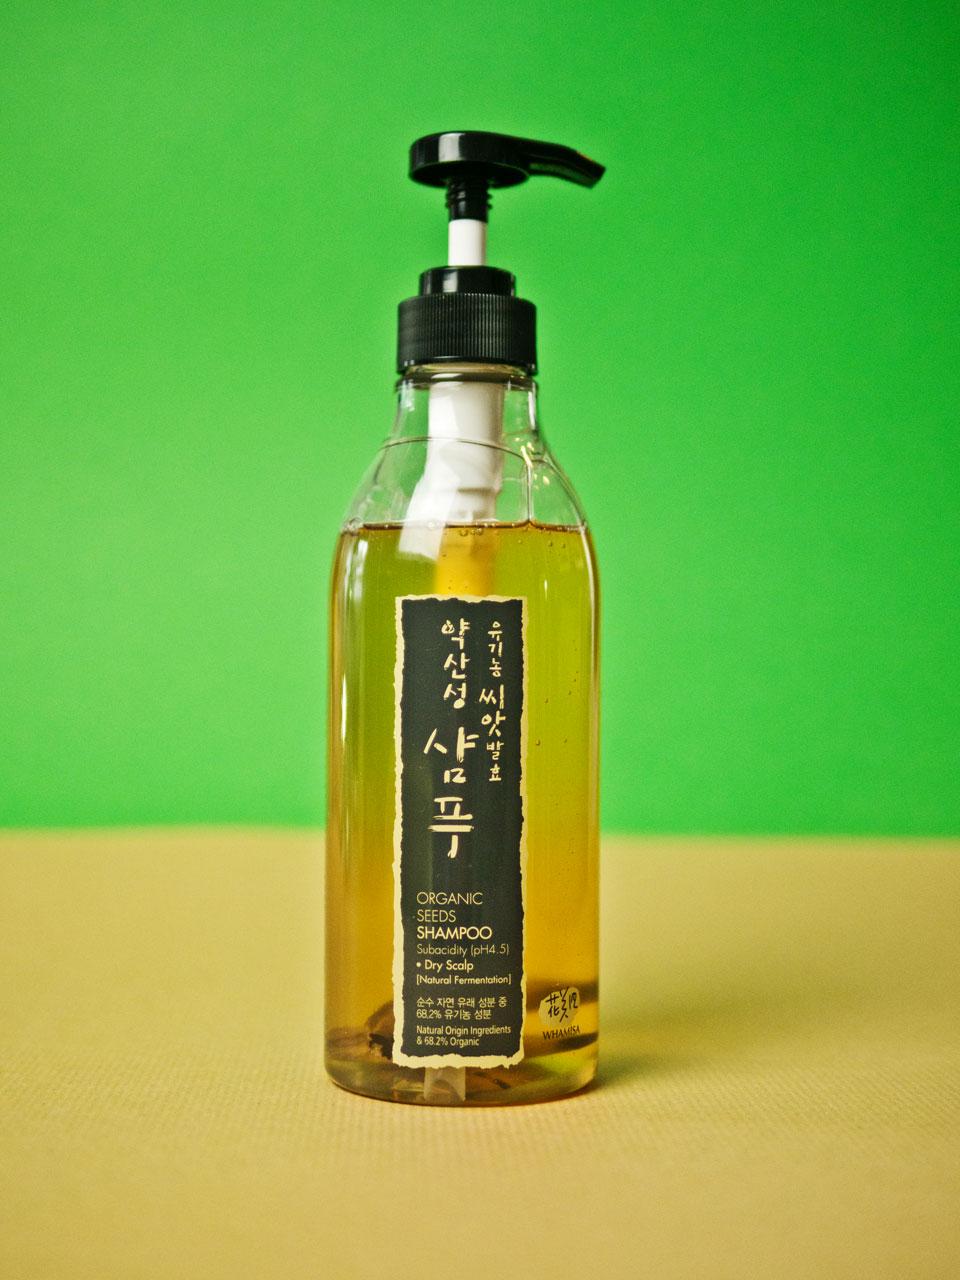 Dry Scalp Shampoo von Whamisa, Problemlöser bei trockener gereizter Kopfhaut, Produkte gegen trockene Kopfhaut, Shampoo gegen trockene Kopfhaut, gereizte Kopfhaut, schöne Haare, glänzende Haare